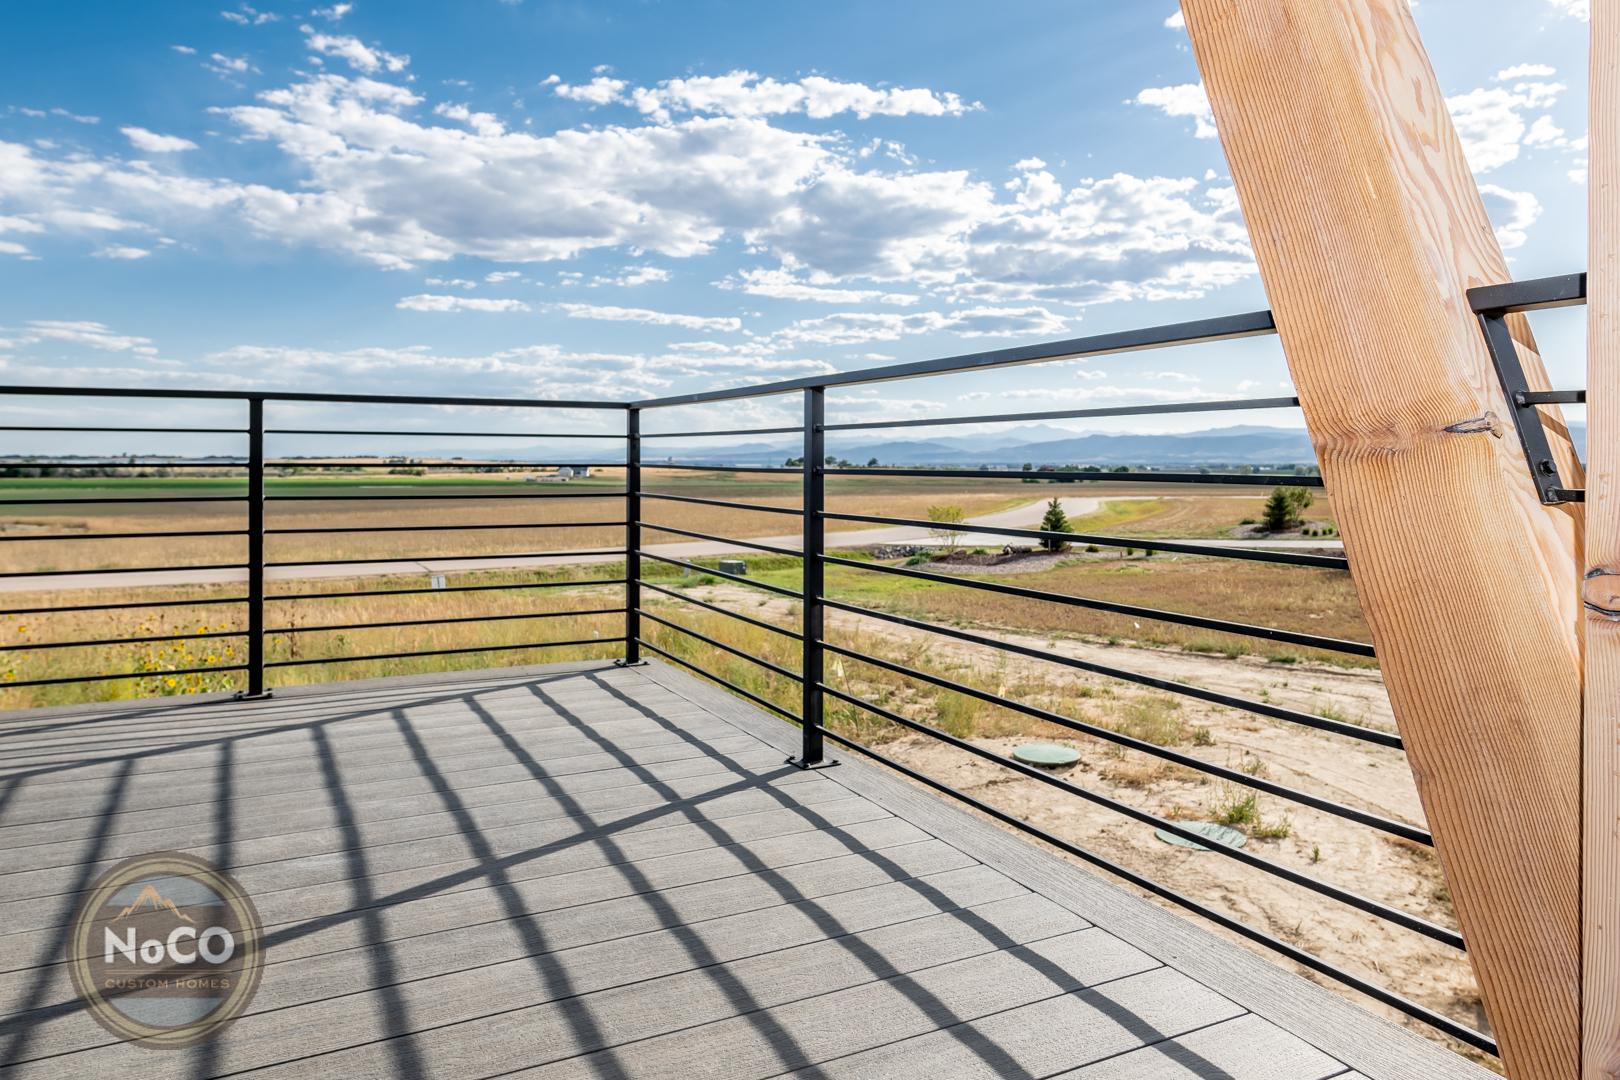 colorado custom home back deck railing